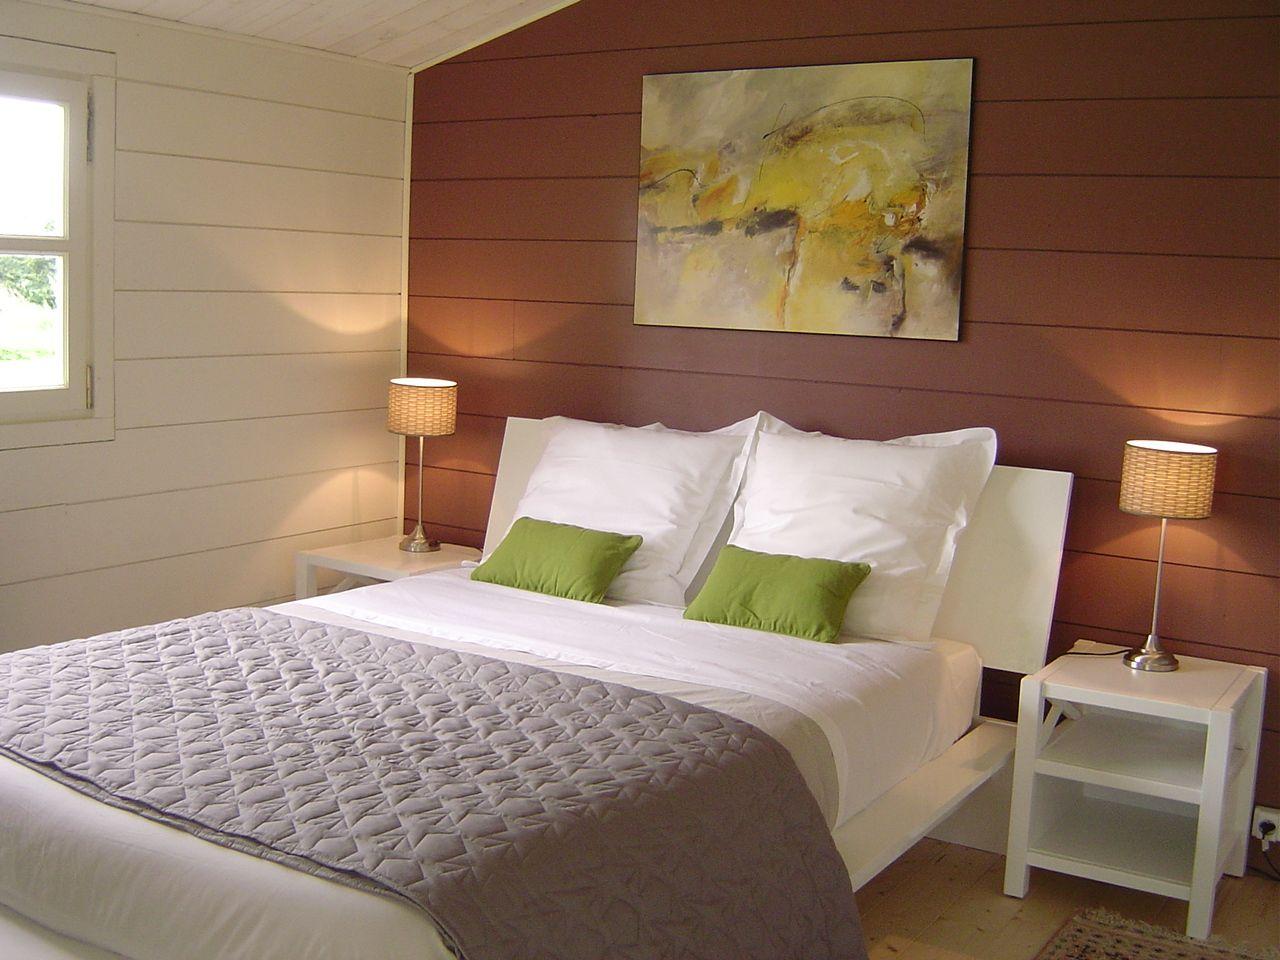 Maison d hote paca free chambre hote maison d with maison for Chambre hote paca